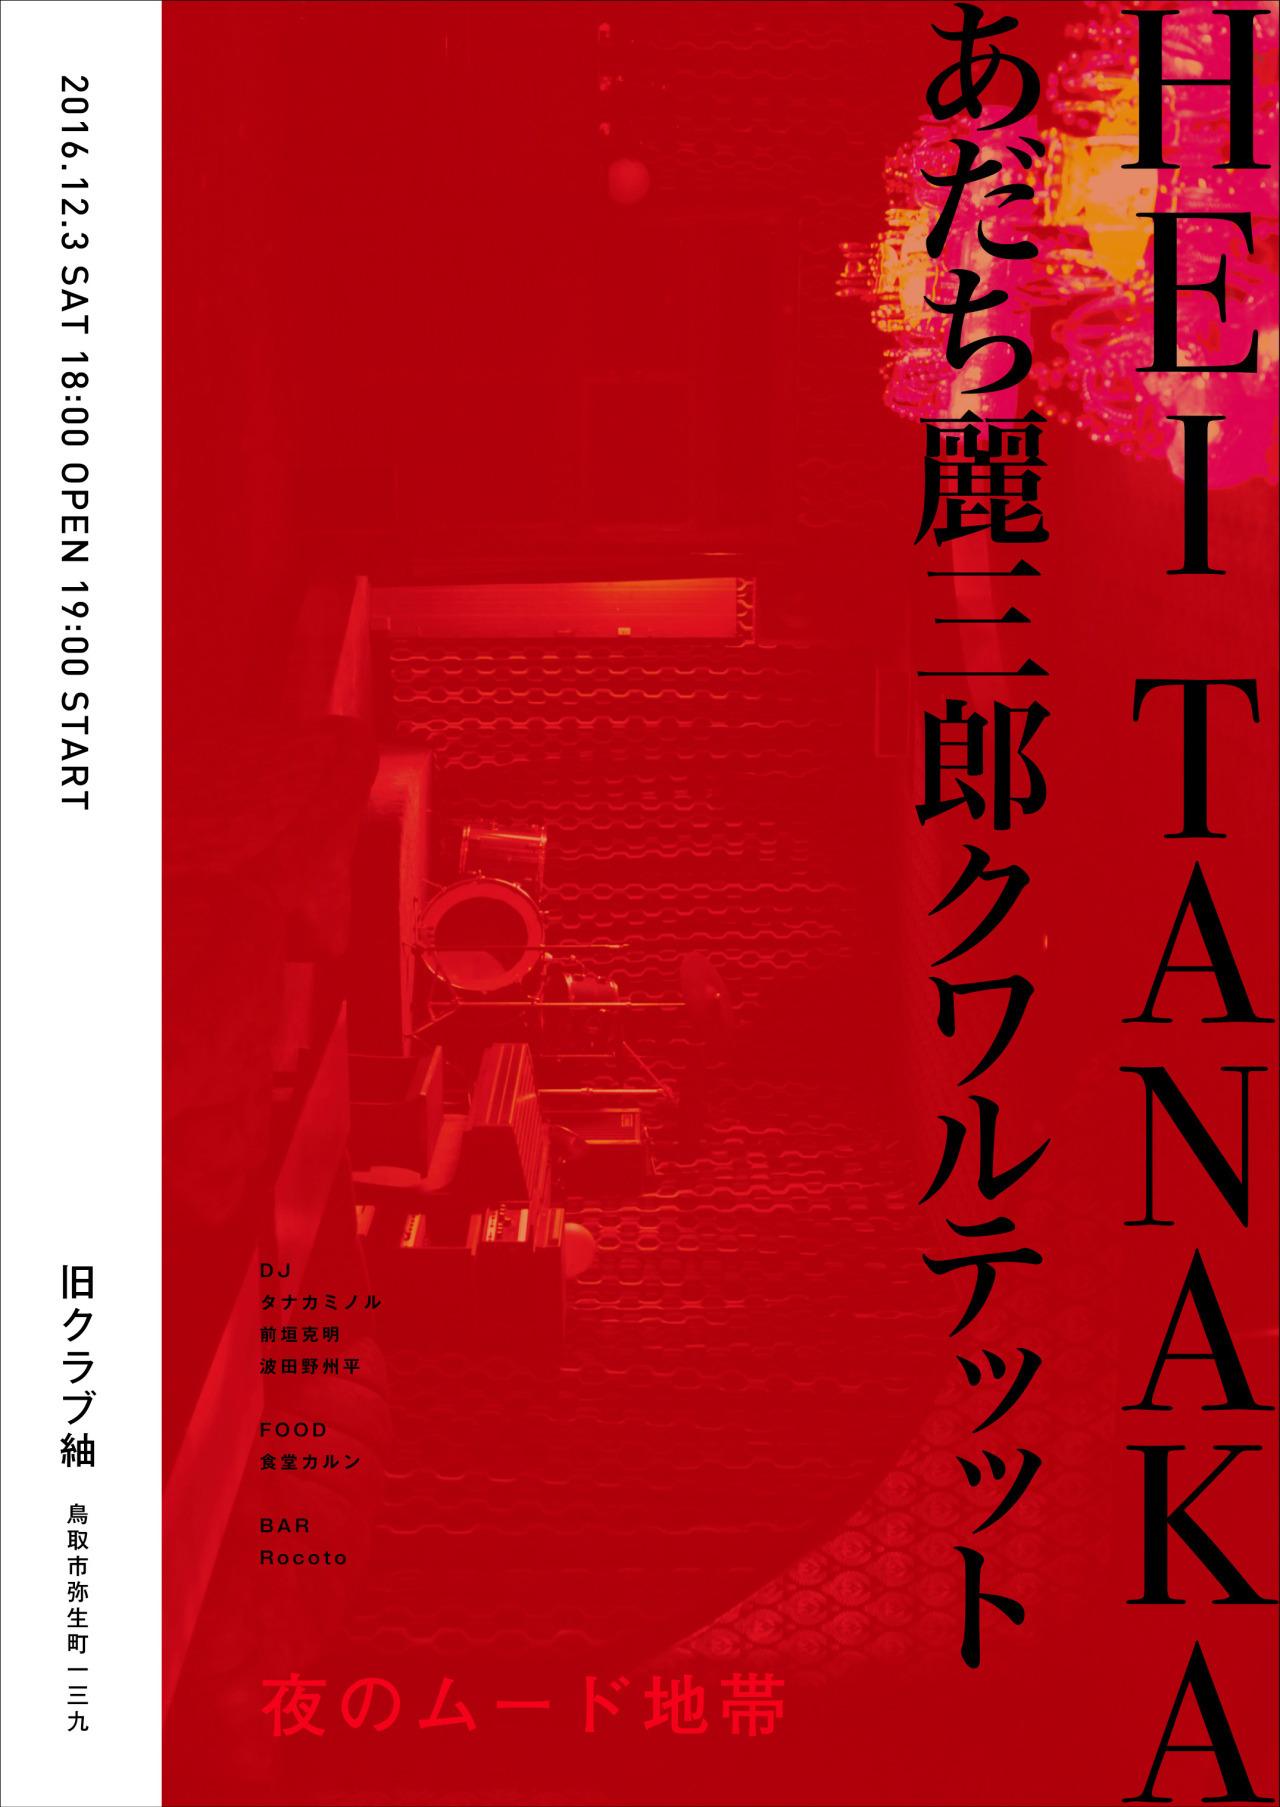 12/3(土)HEI TANAKA×あだち麗三郎クワルテッット「夜のムード地帯」@ 旧クラブ紬_b0125413_03381151.jpg